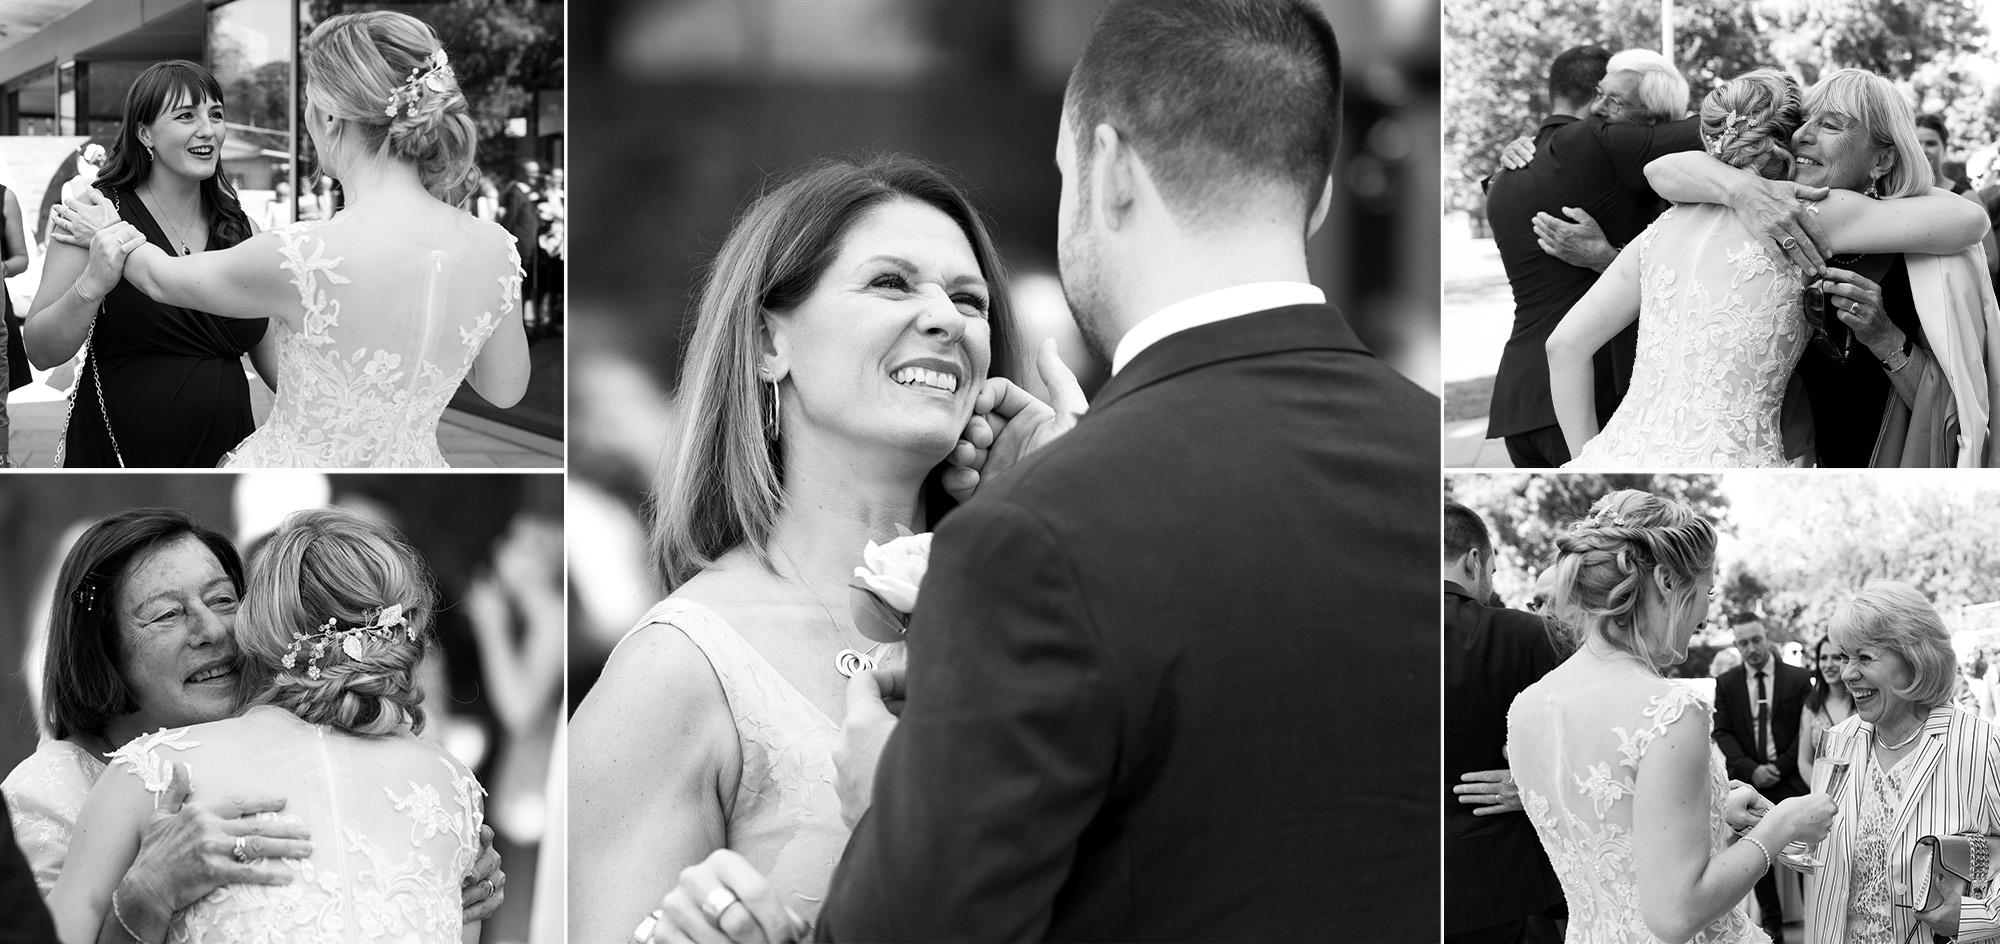 Freie Trauung im Hirzen Pavillon - Gratulationen der Gäste - Hochzeitsfotograf Basel